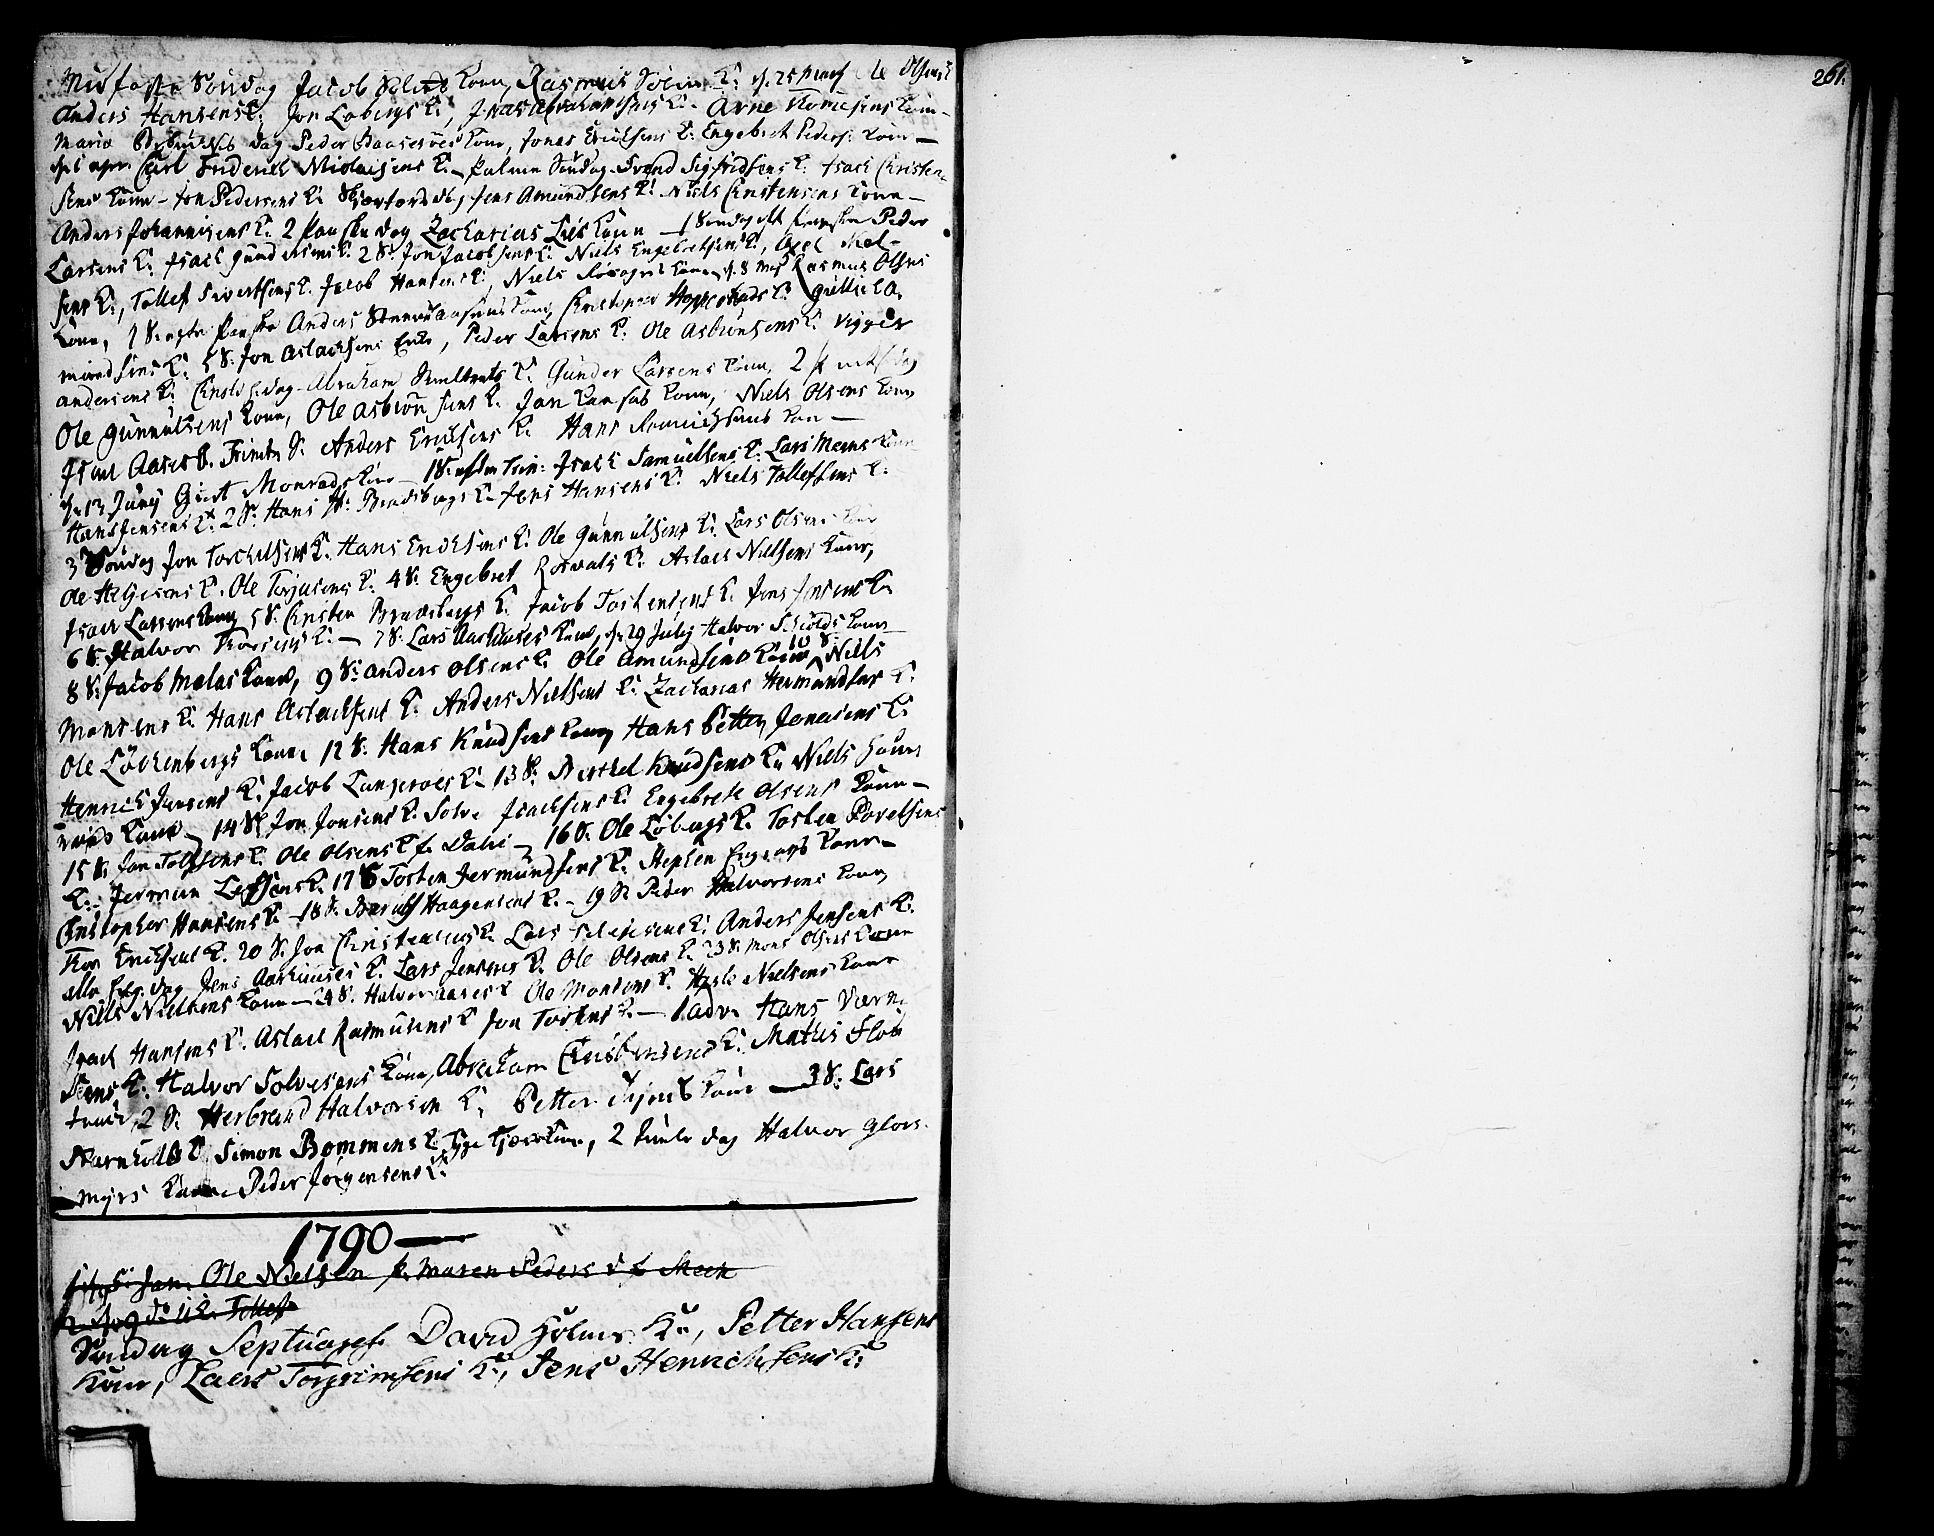 SAKO, Gjerpen kirkebøker, F/Fa/L0002: Ministerialbok nr. 2, 1747-1795, s. 261